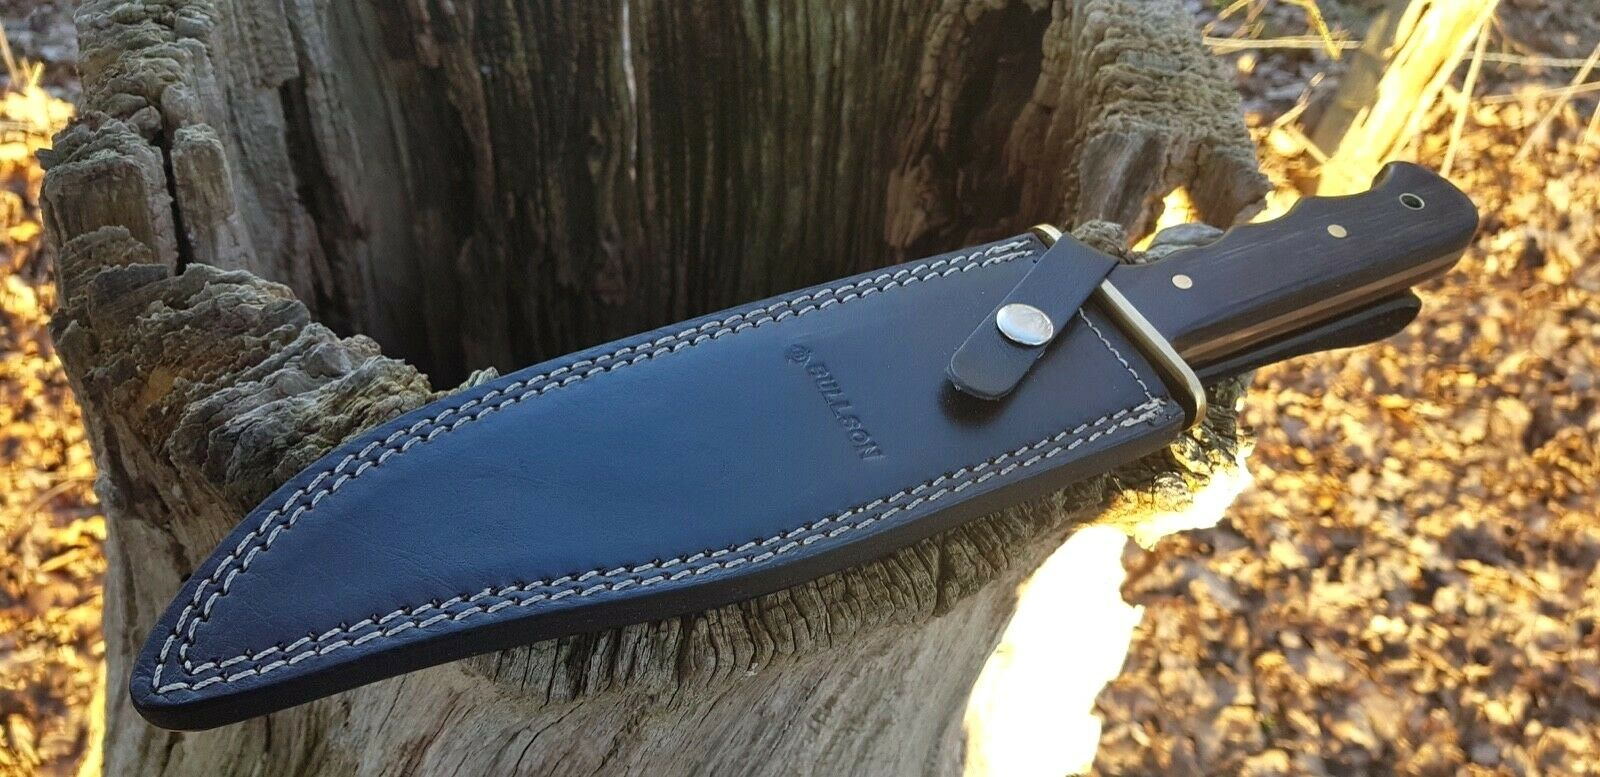 BULLSON - LEDER  BUSCHMESSER  KNIFE JAGDMESSER MACHETE MACHETTE  MESSER  | Export